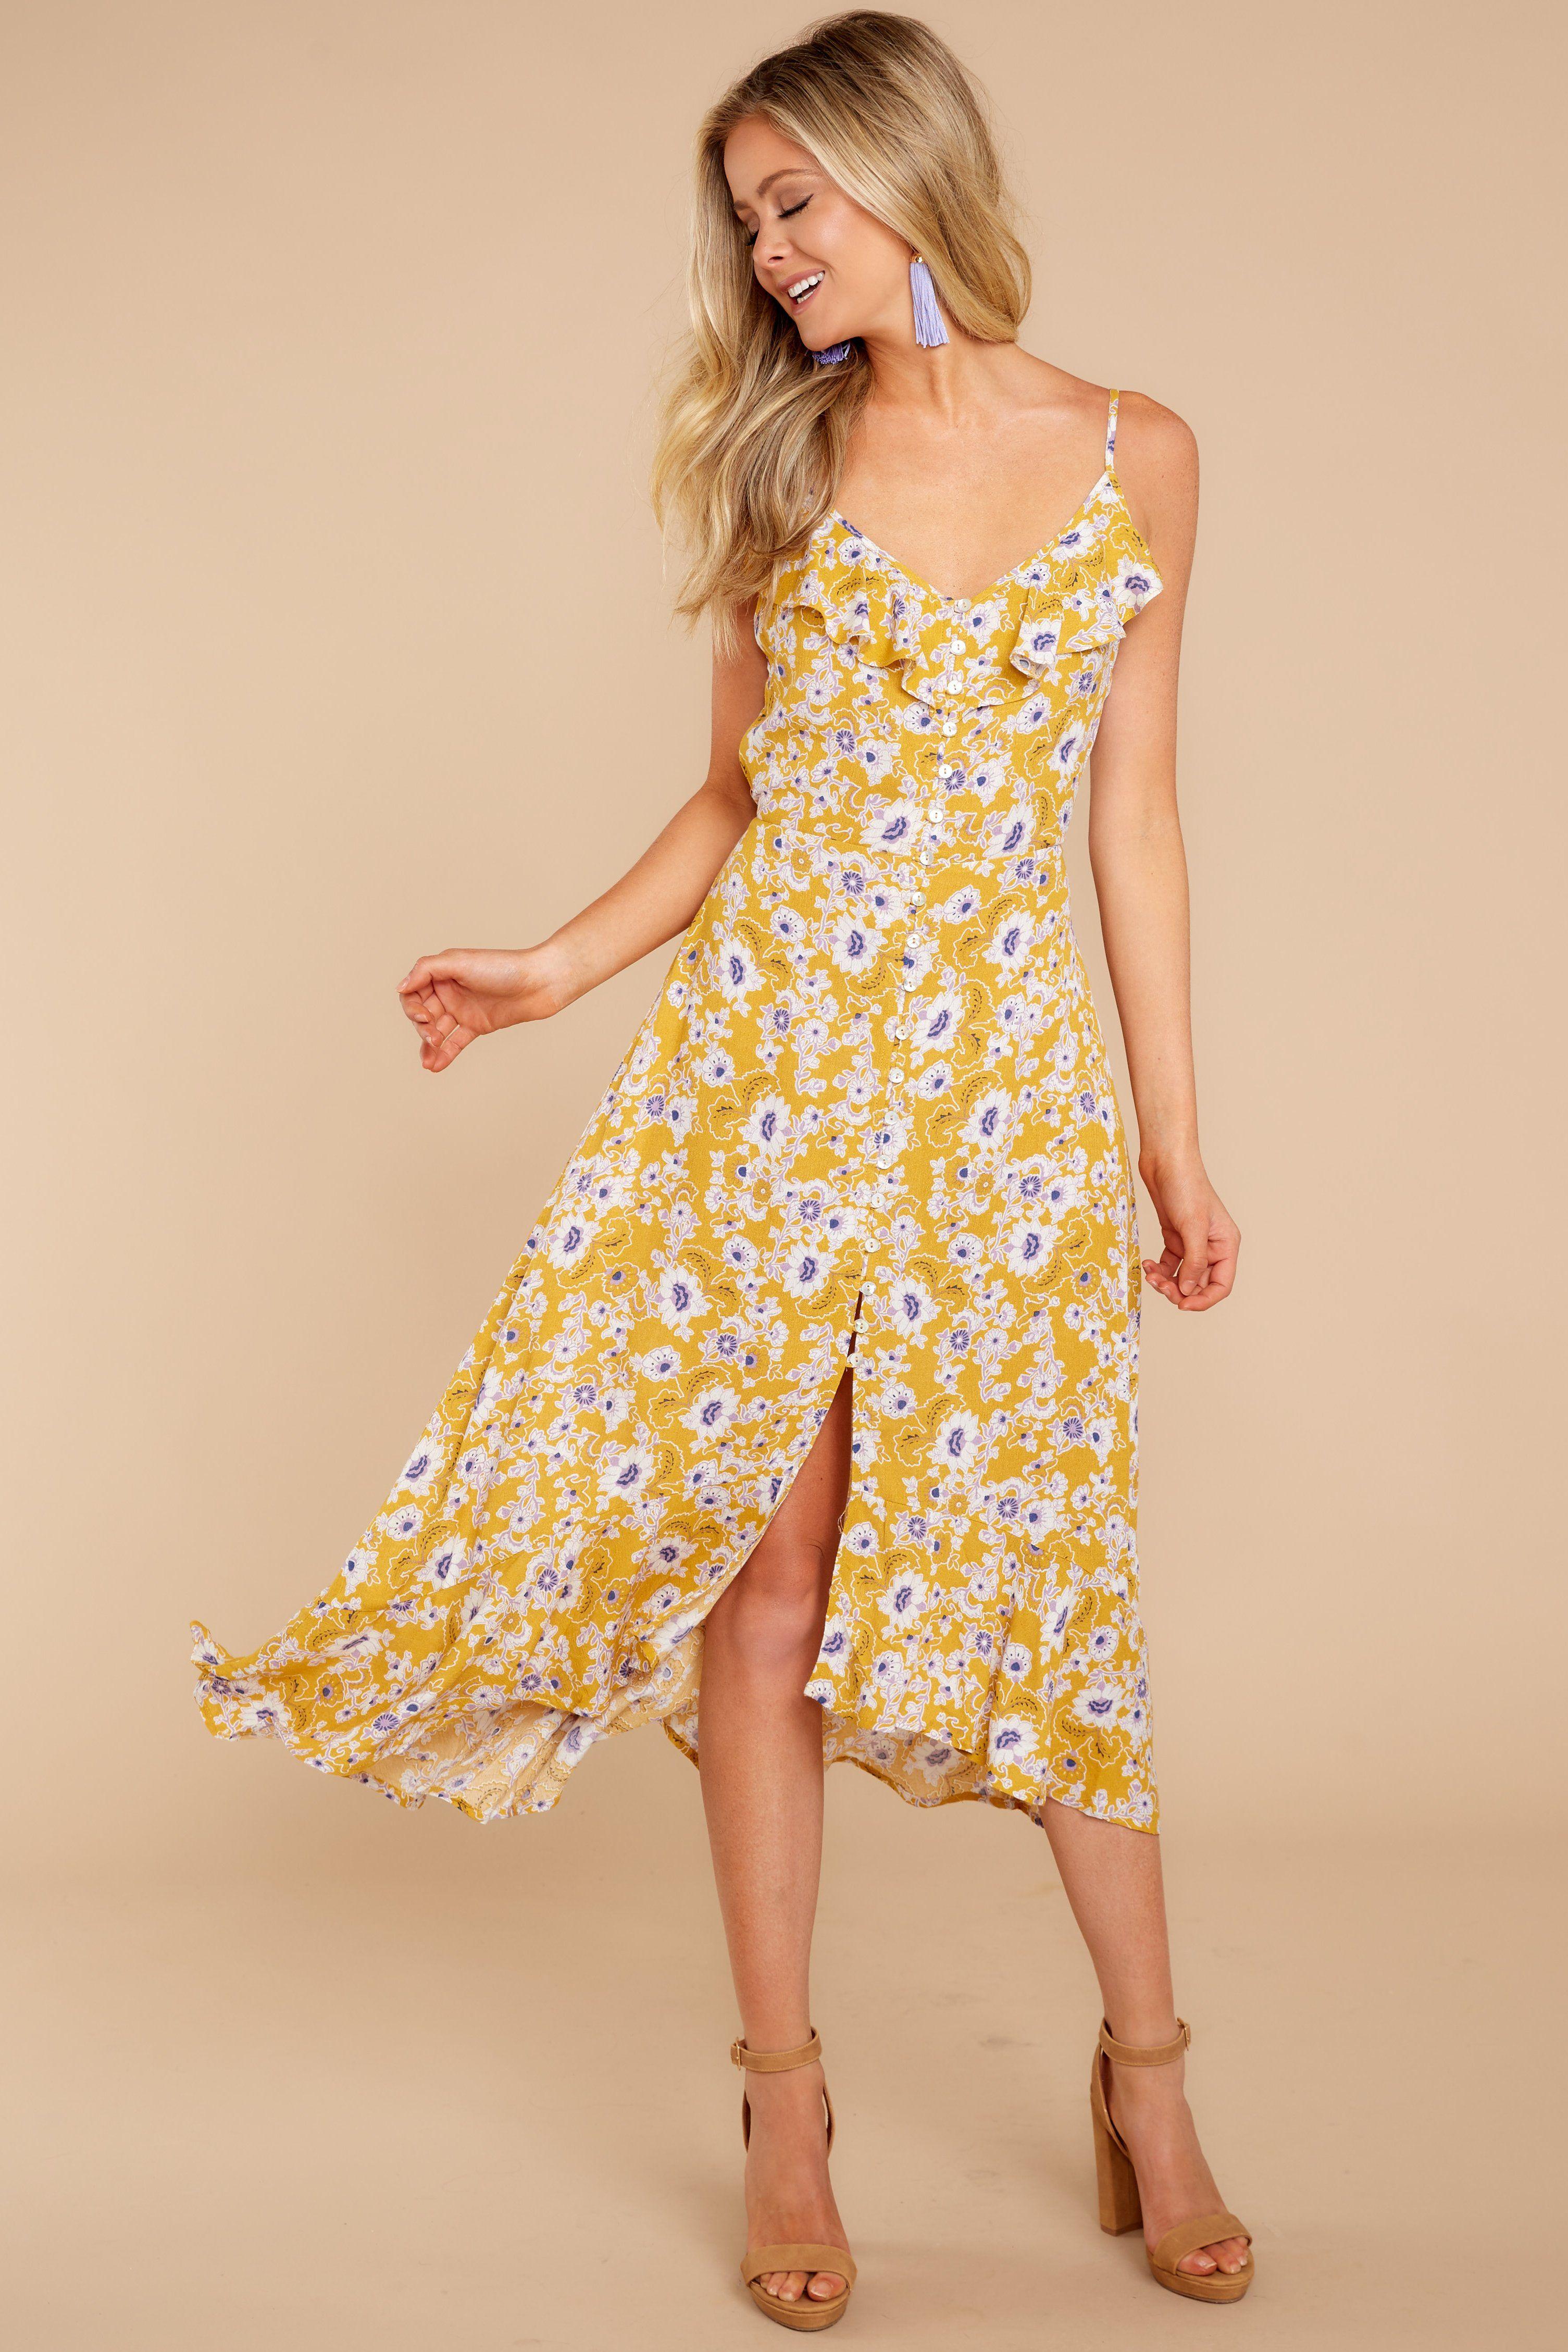 638d55e58a46 Pretty Yellow Maxi Dress - Floral Print Maxi Dress - Maxi - $46.00 – Red  Dress Boutique